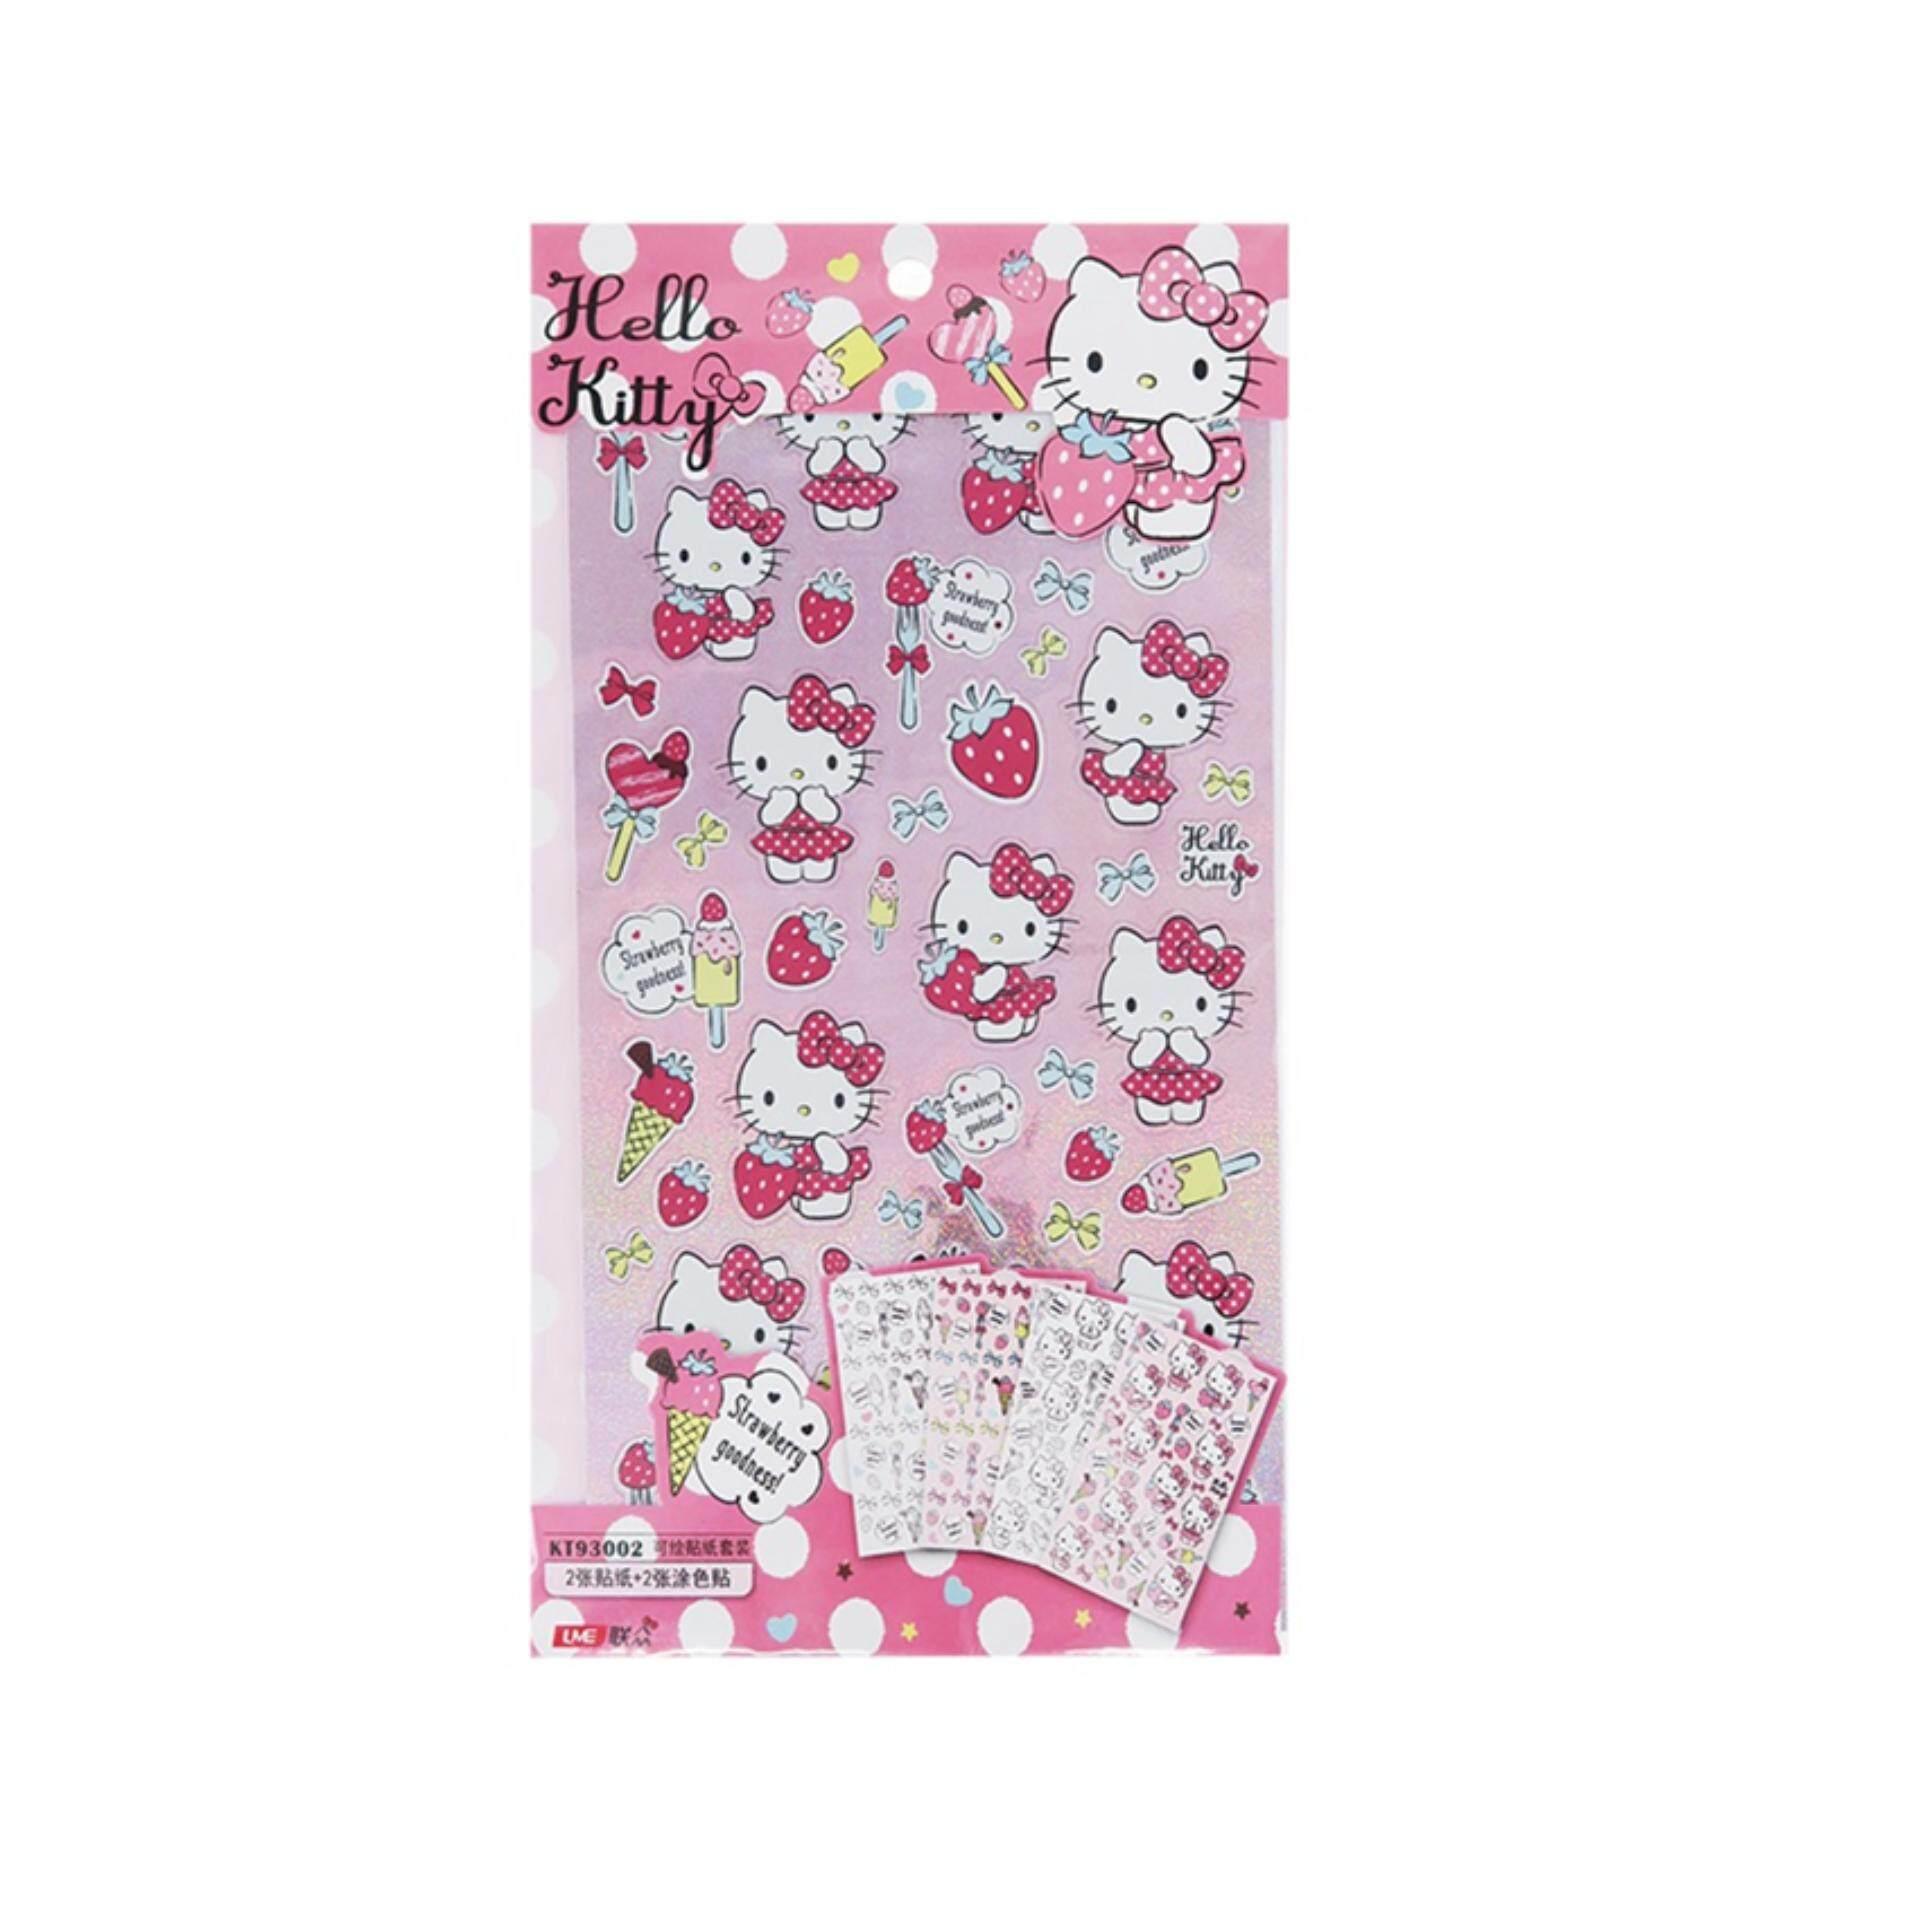 Sanrio Hello Kitty 4pcs Sticker Set - Pink Colour